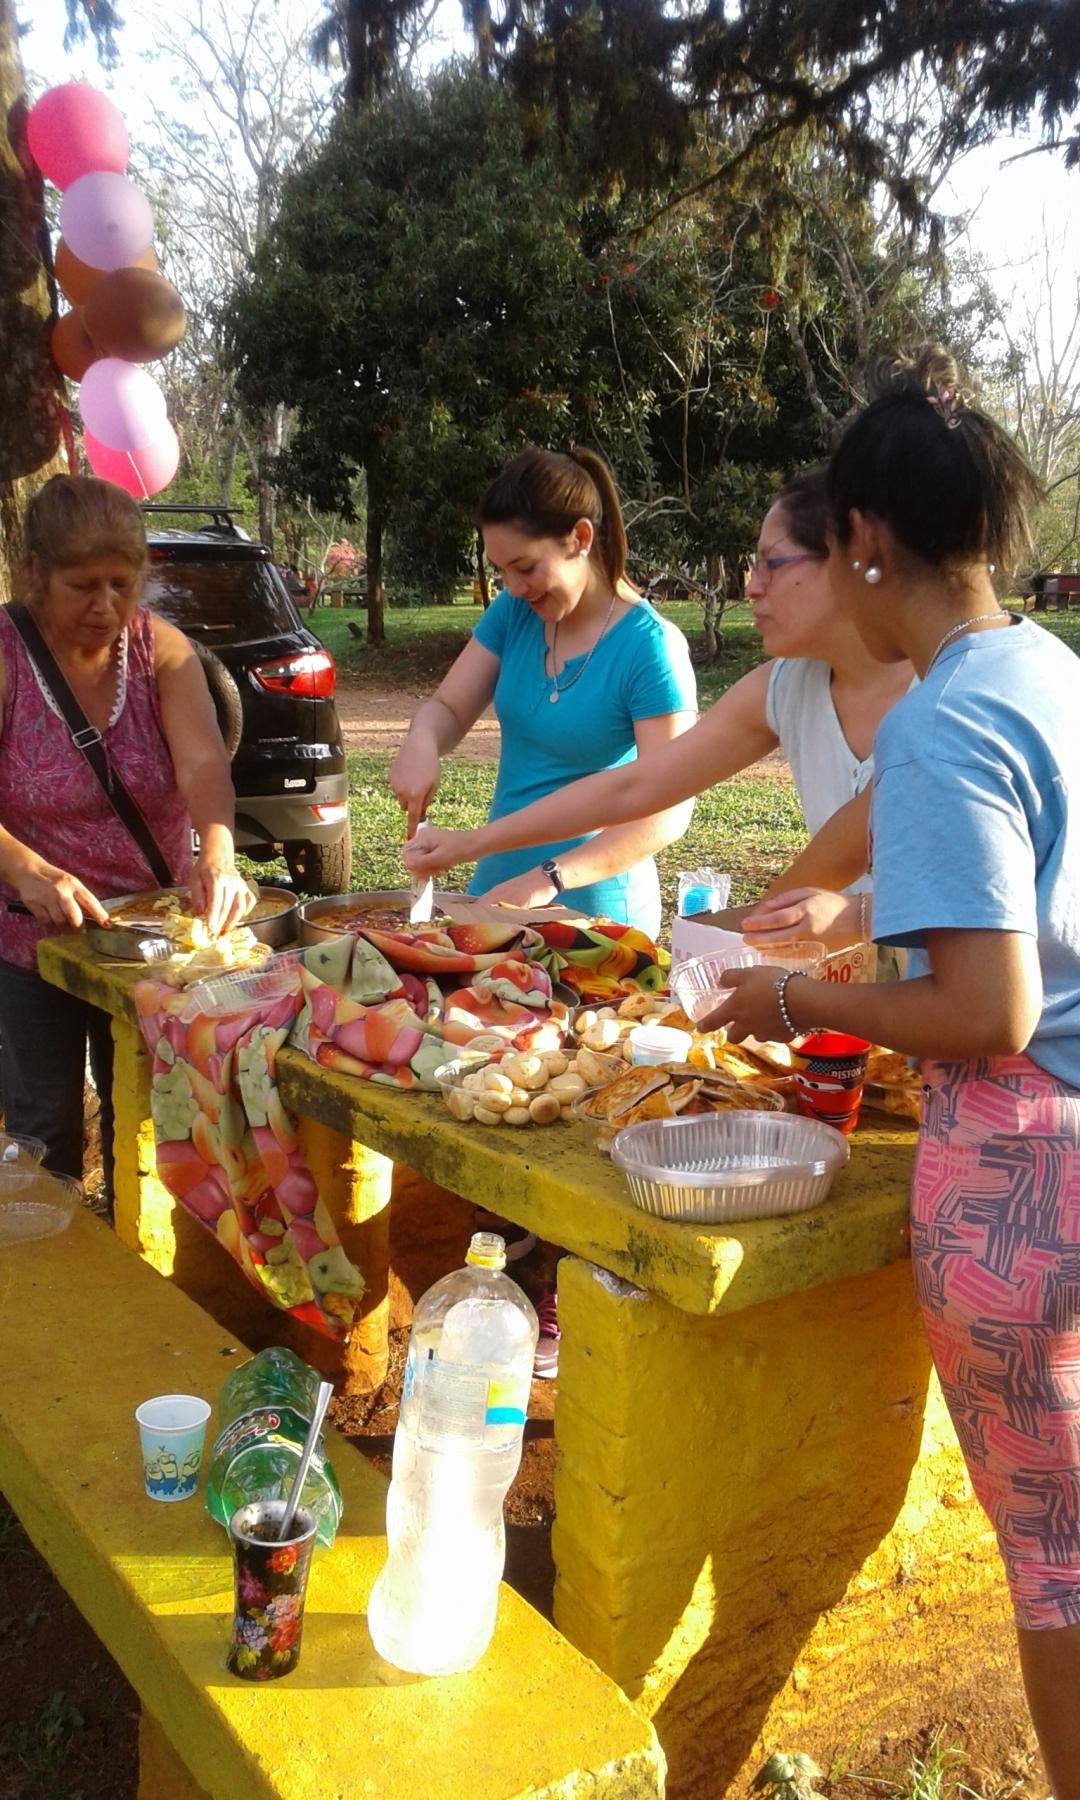 celebrando-la-niez-y-la-juventud_37537676412_o